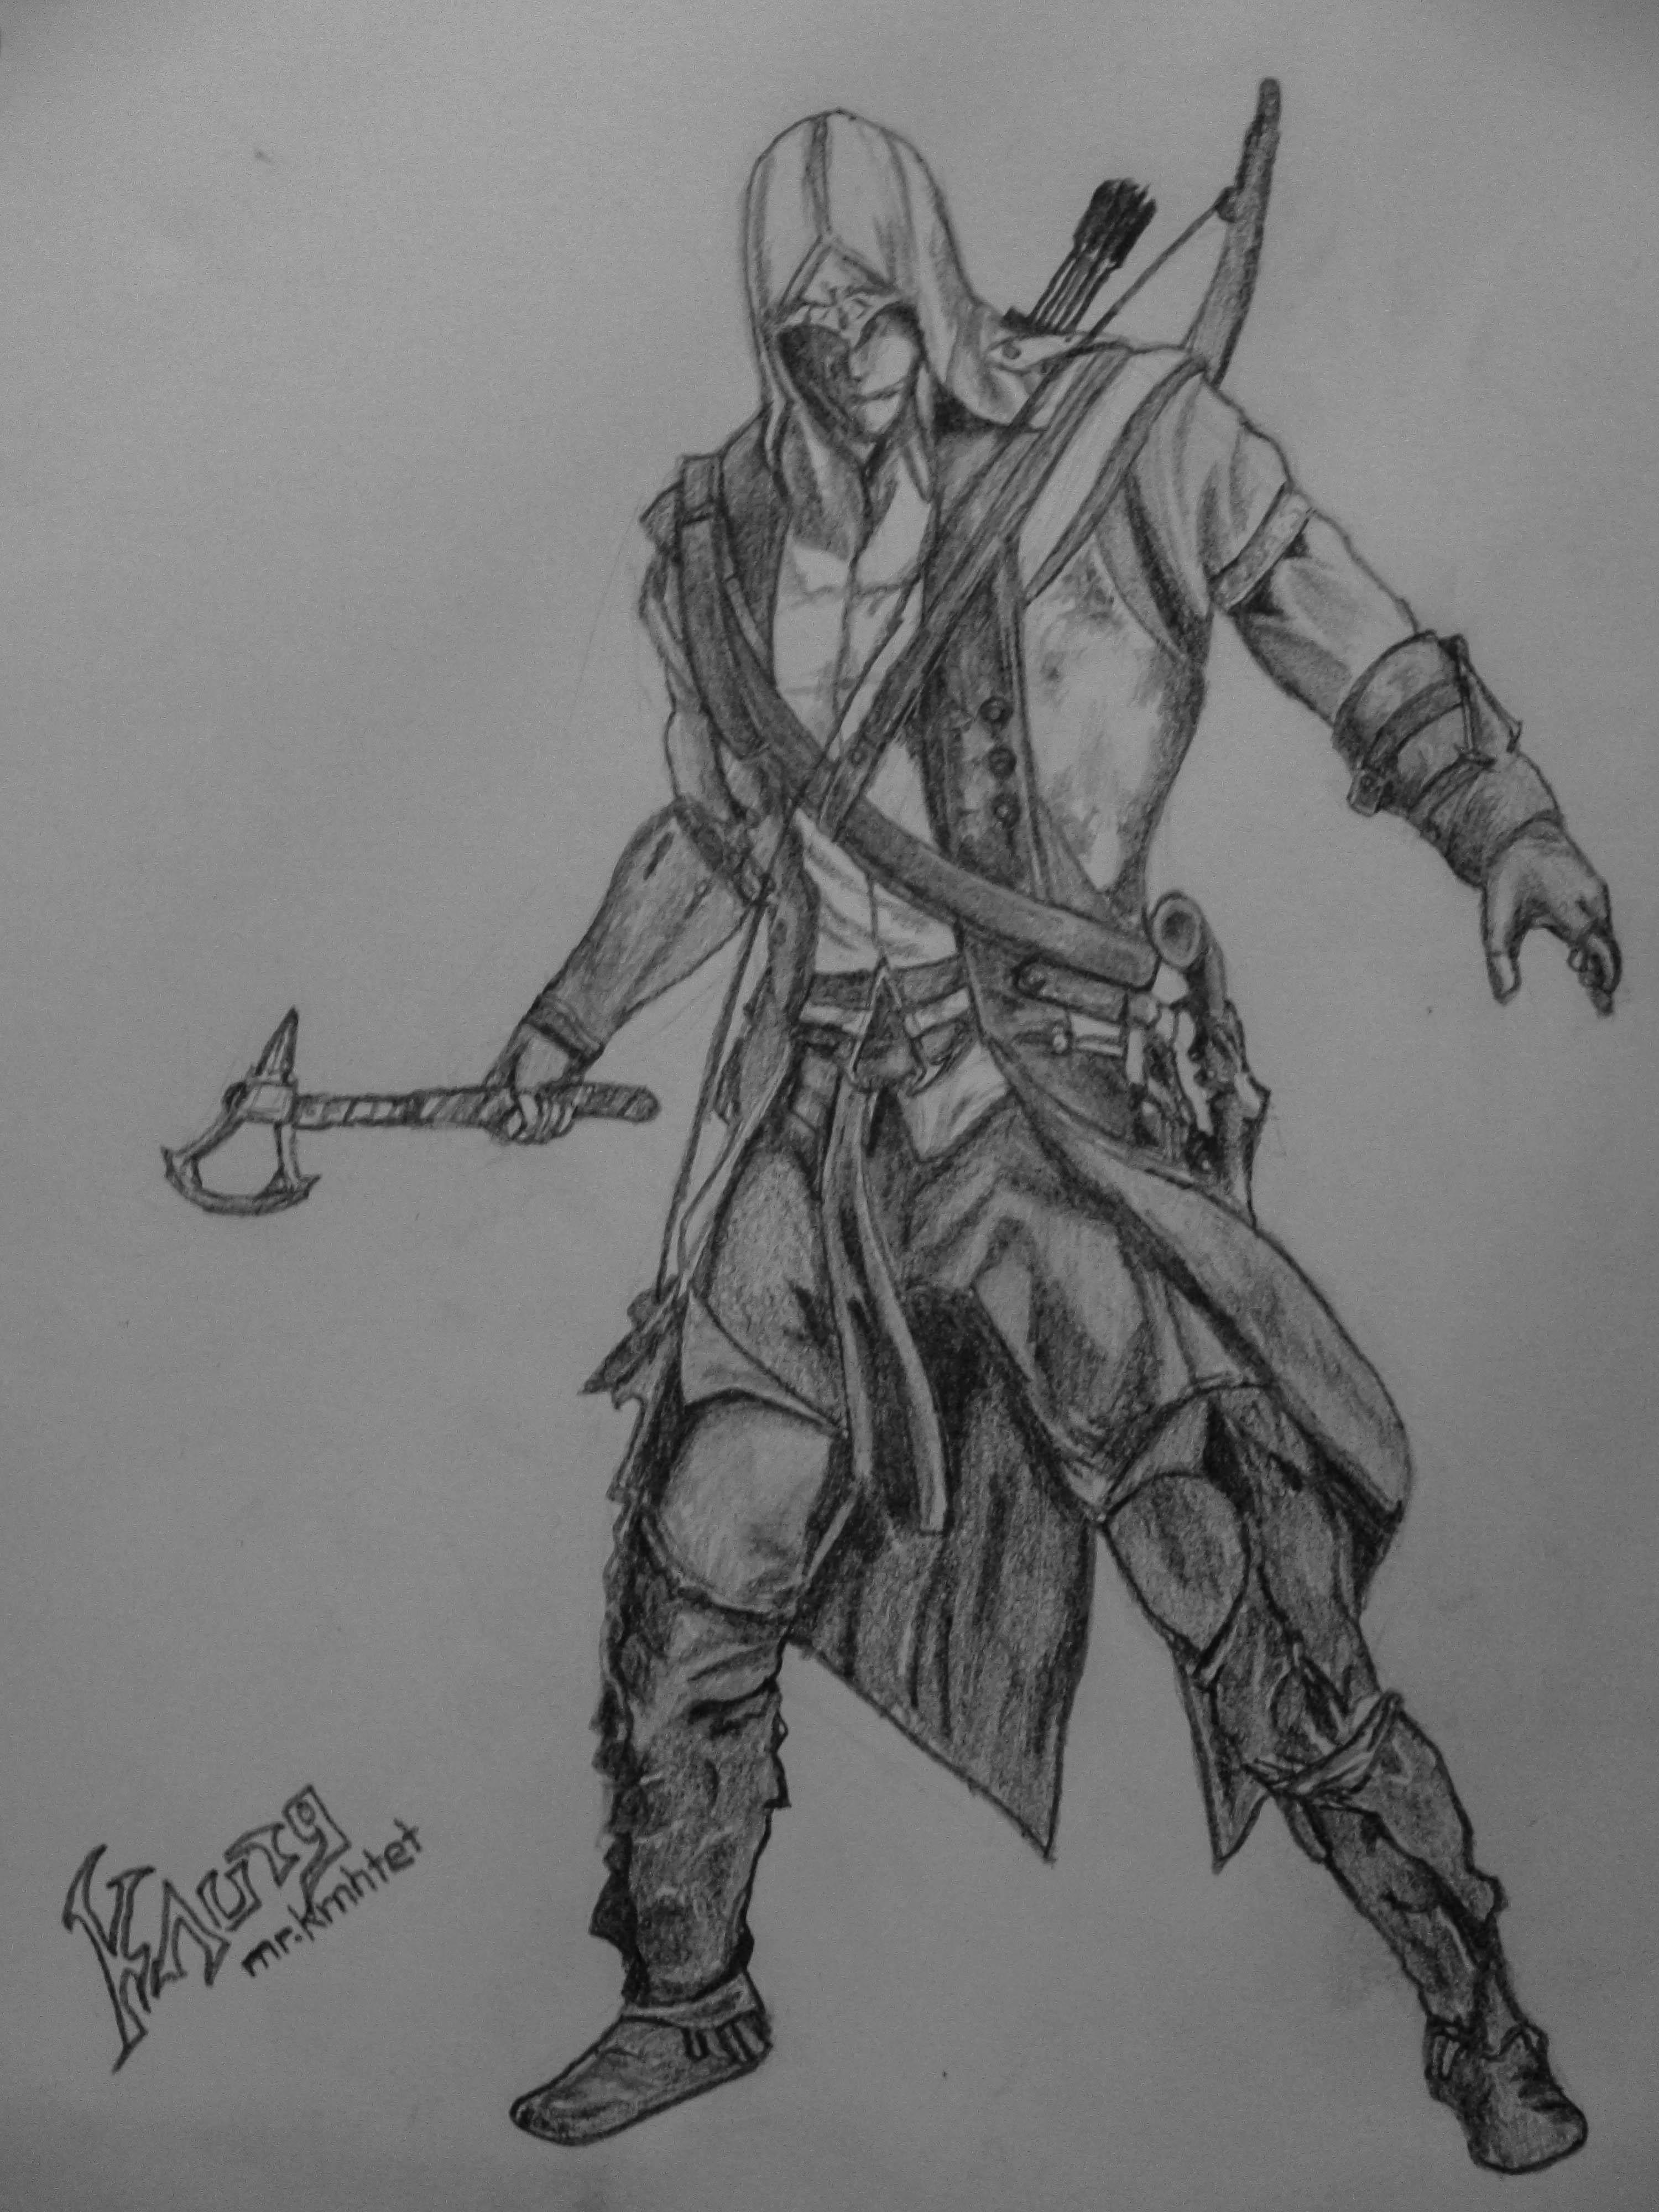 Assassins Creed III by mrkmhtet